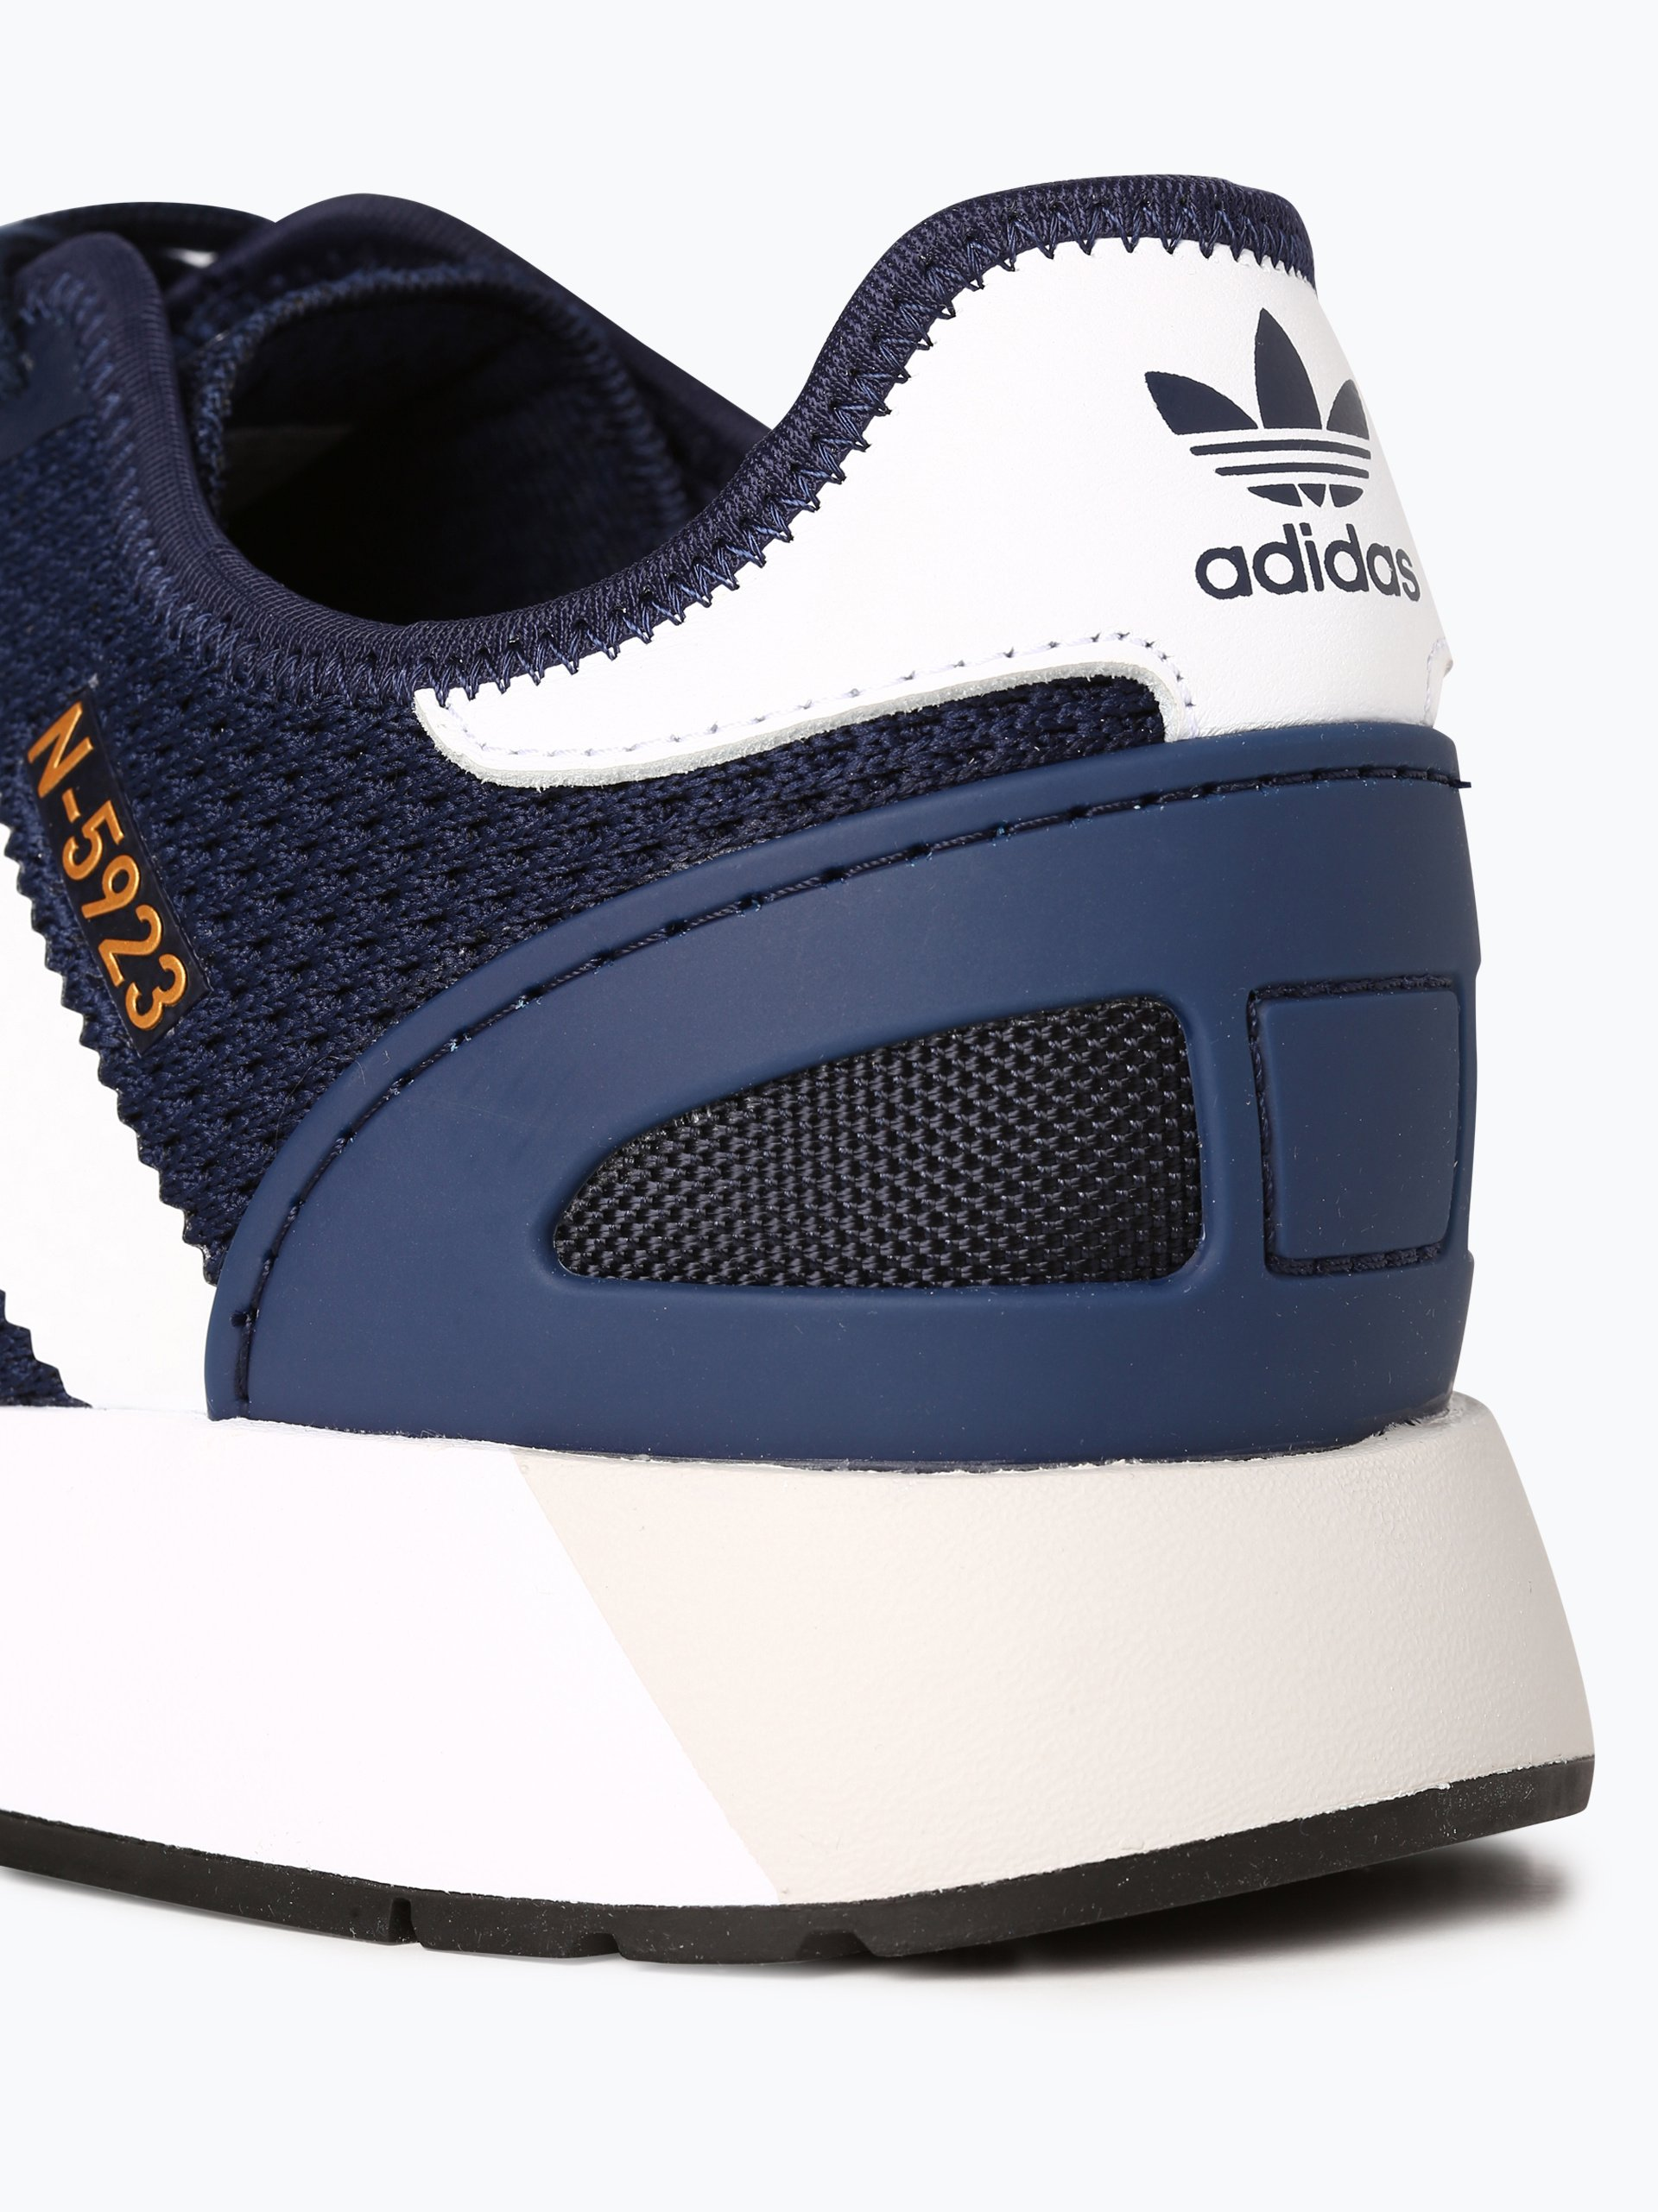 adidas Originals Tenisówki męskie